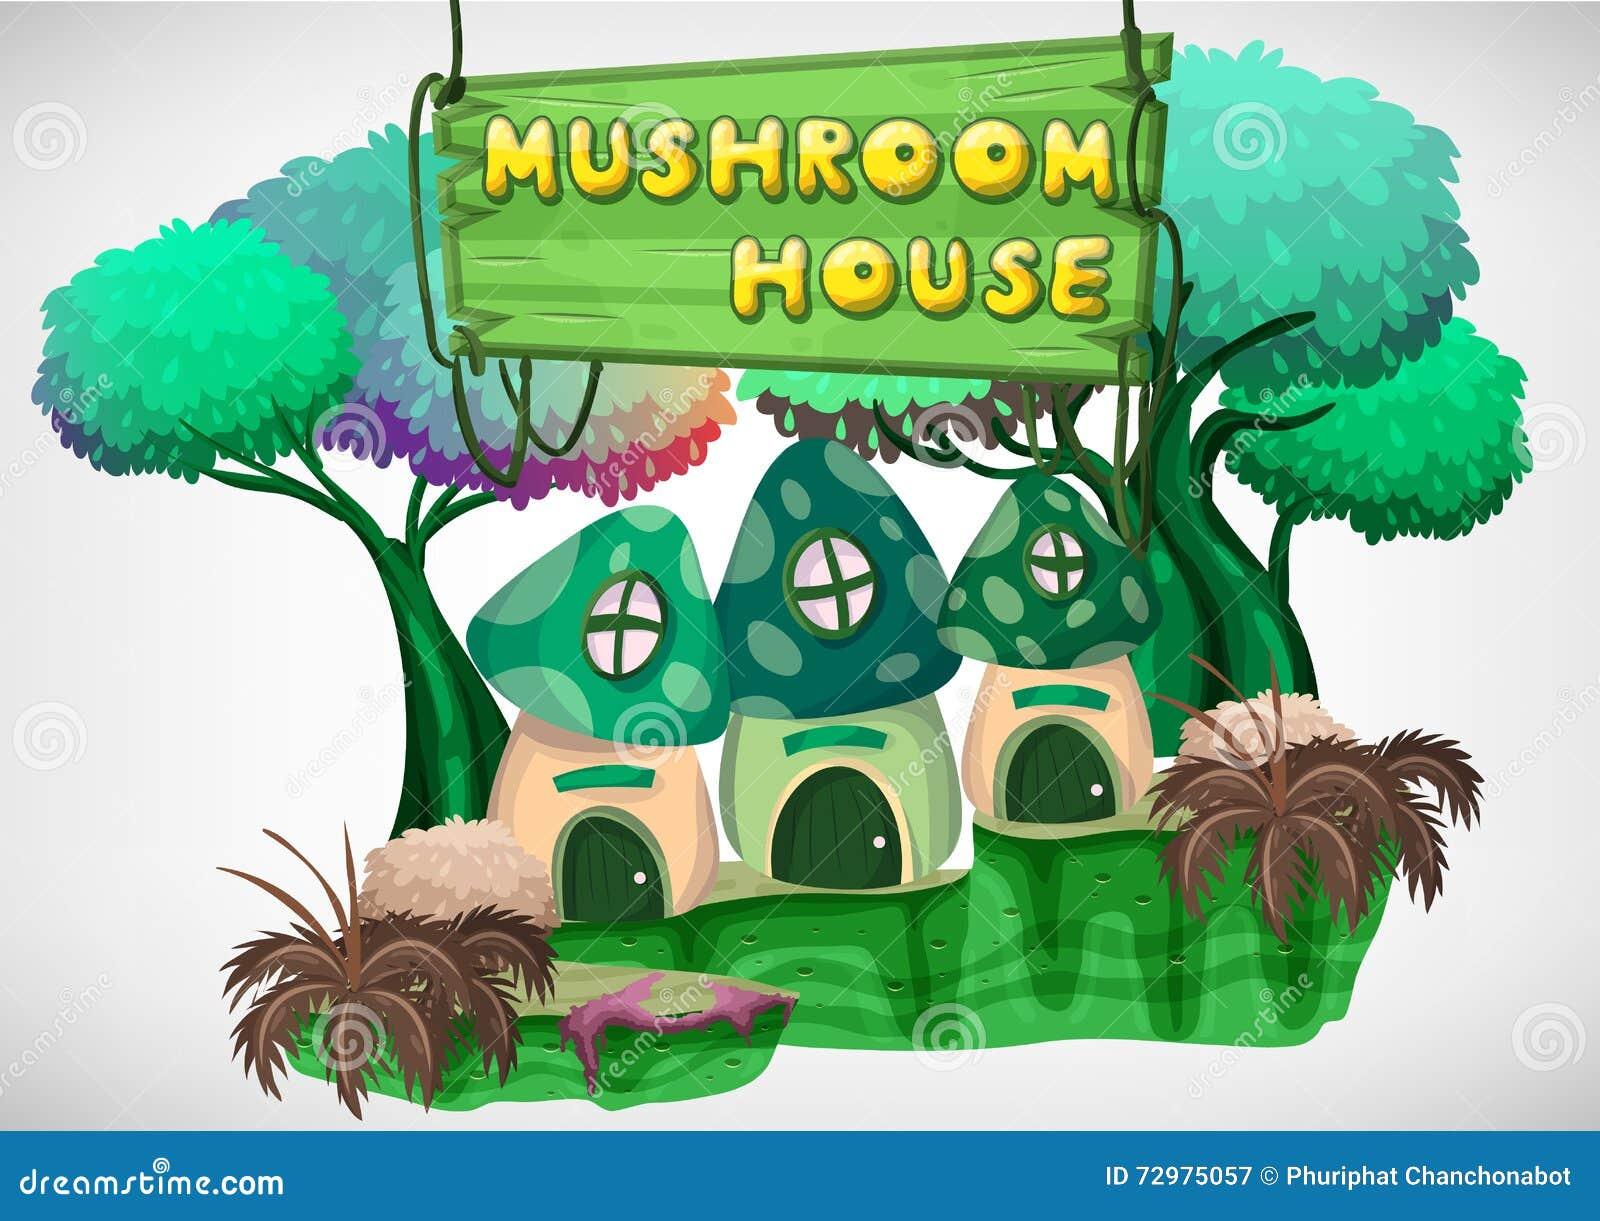 Cartoon Mushroom House Vector Illustration Cartoondealer